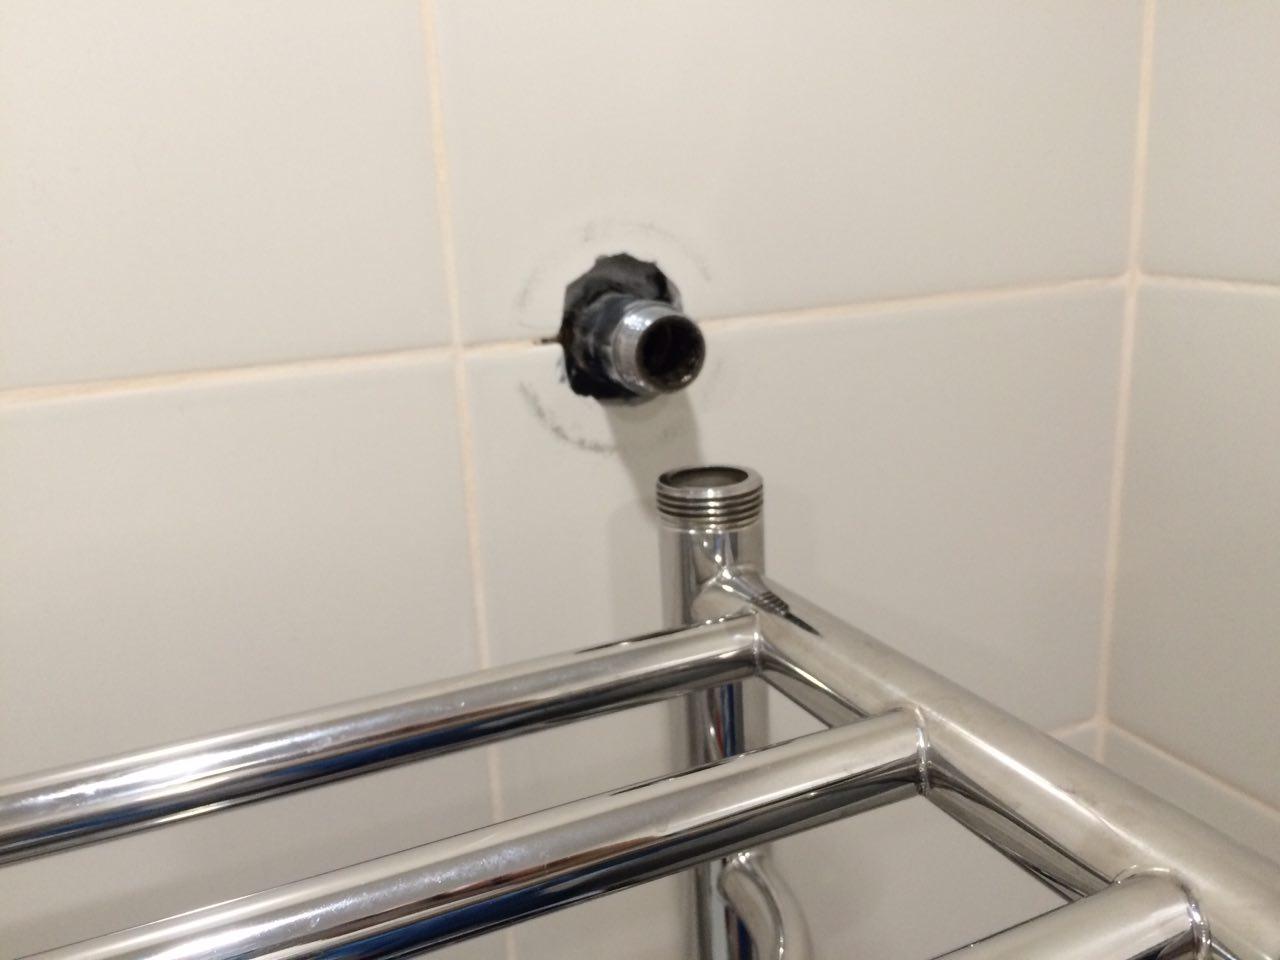 Ванная своими руками — таванная.ру что нужно делать, если потек полотенцесушитель: основные причины течи и их устранение - ванная своими руками - таванная.ру